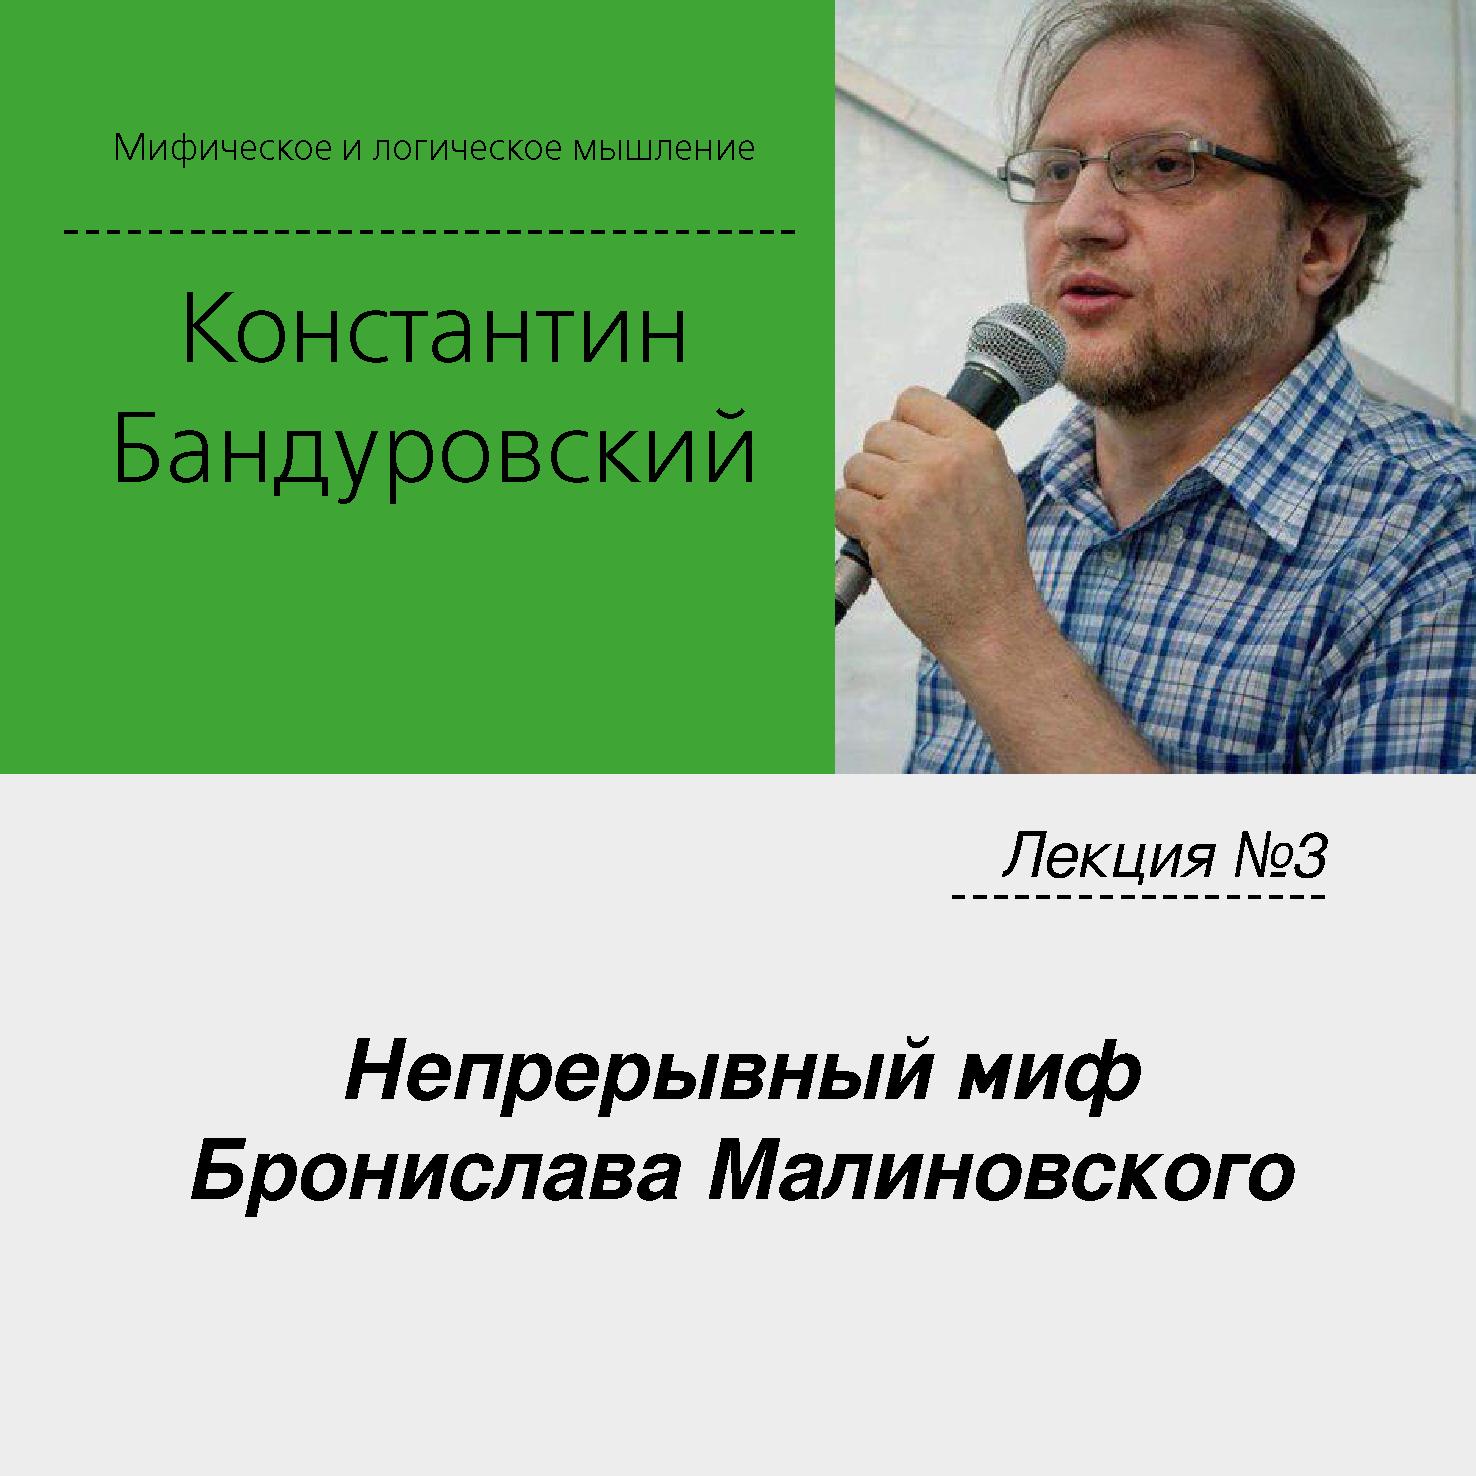 Константин Бандуровский Лекция №3 «Непрерывный миф Бронислава Малиновского»